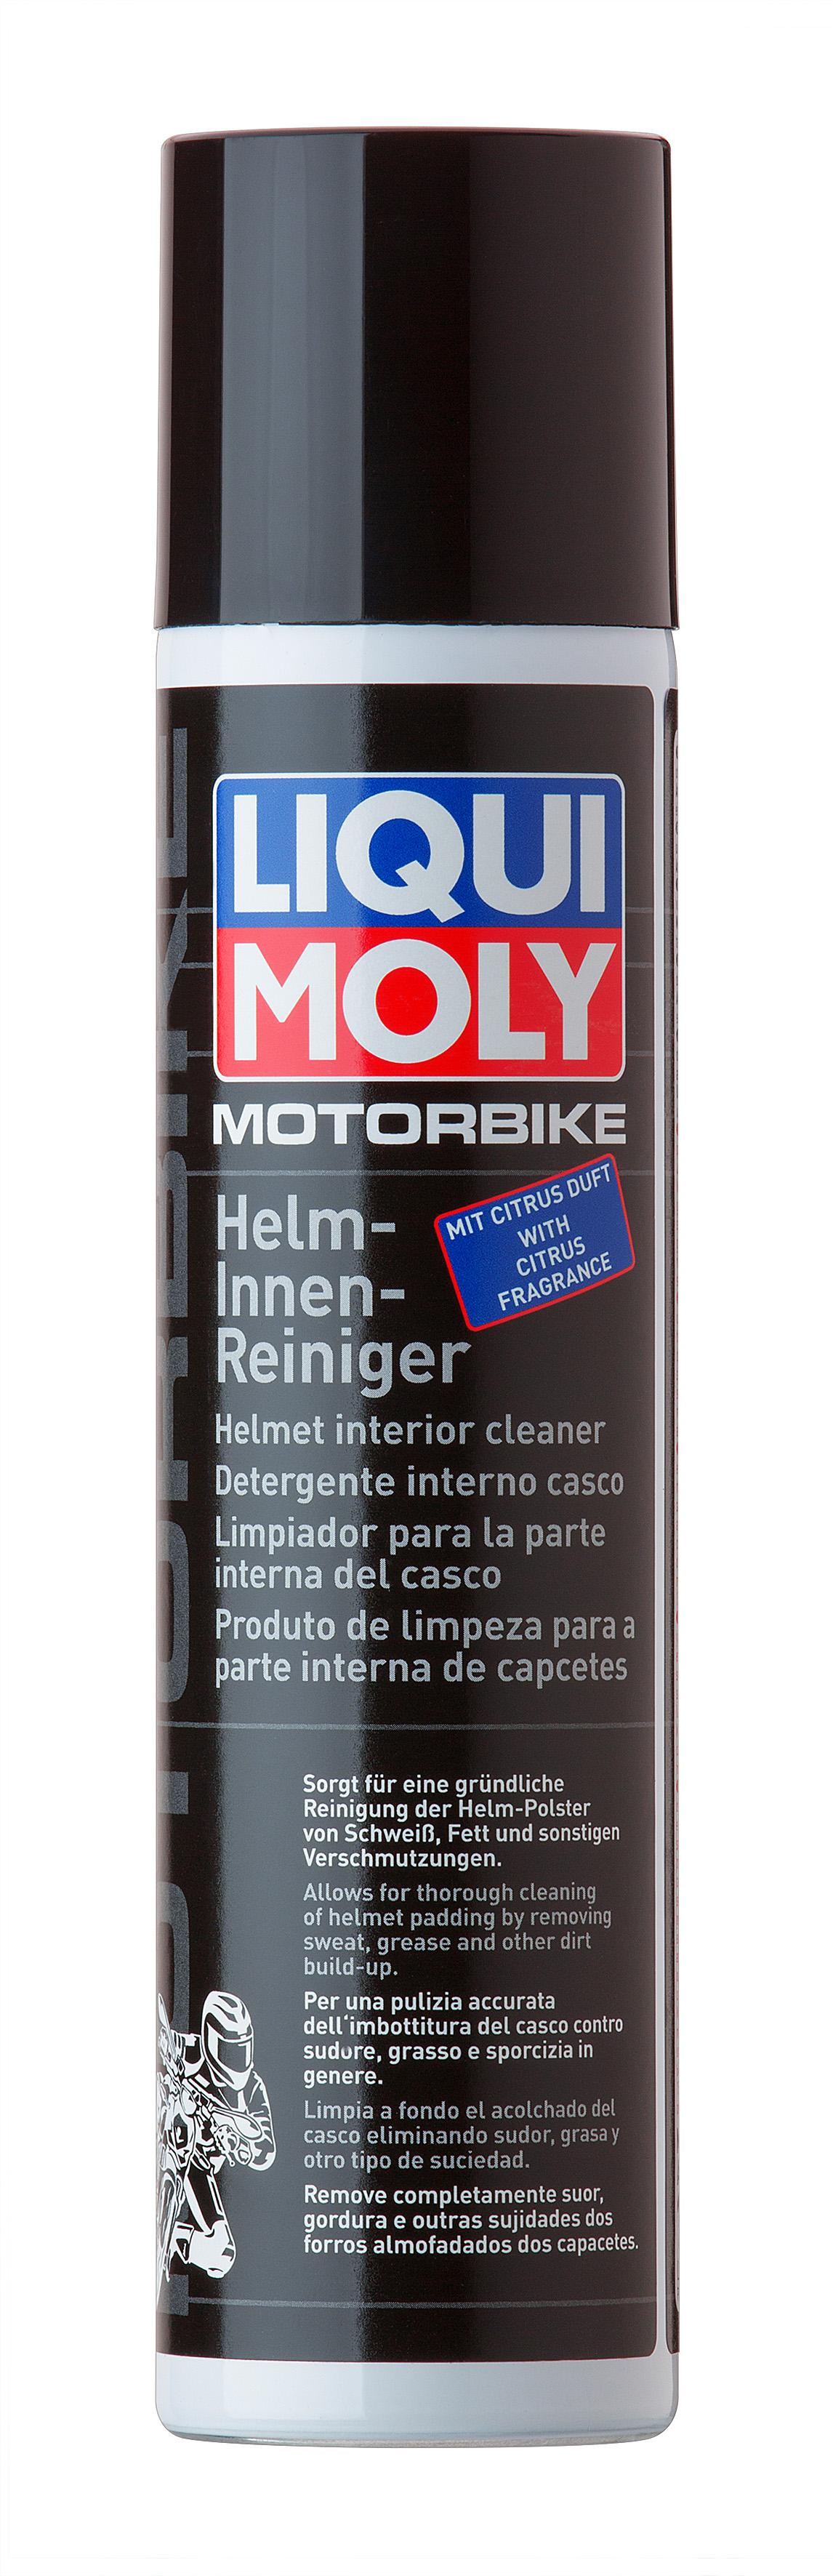 Очиститель мотошлемов Motorbike Helm-Innen-Reiniger